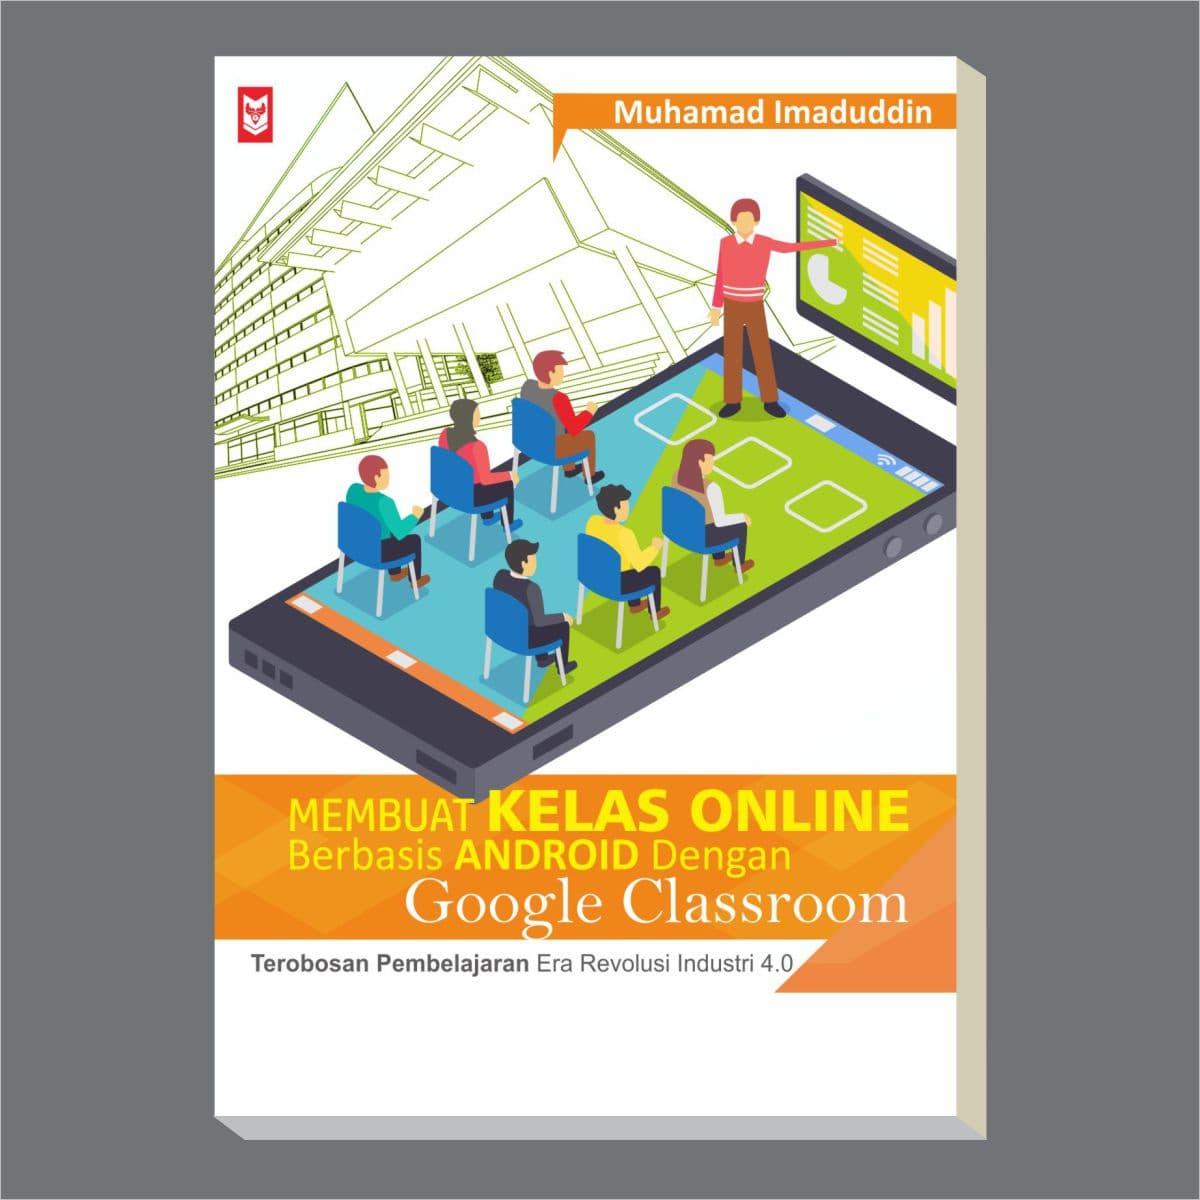 Membuat Kelas Online Berbasis Android Dengan Google Classroom - Blanja.com